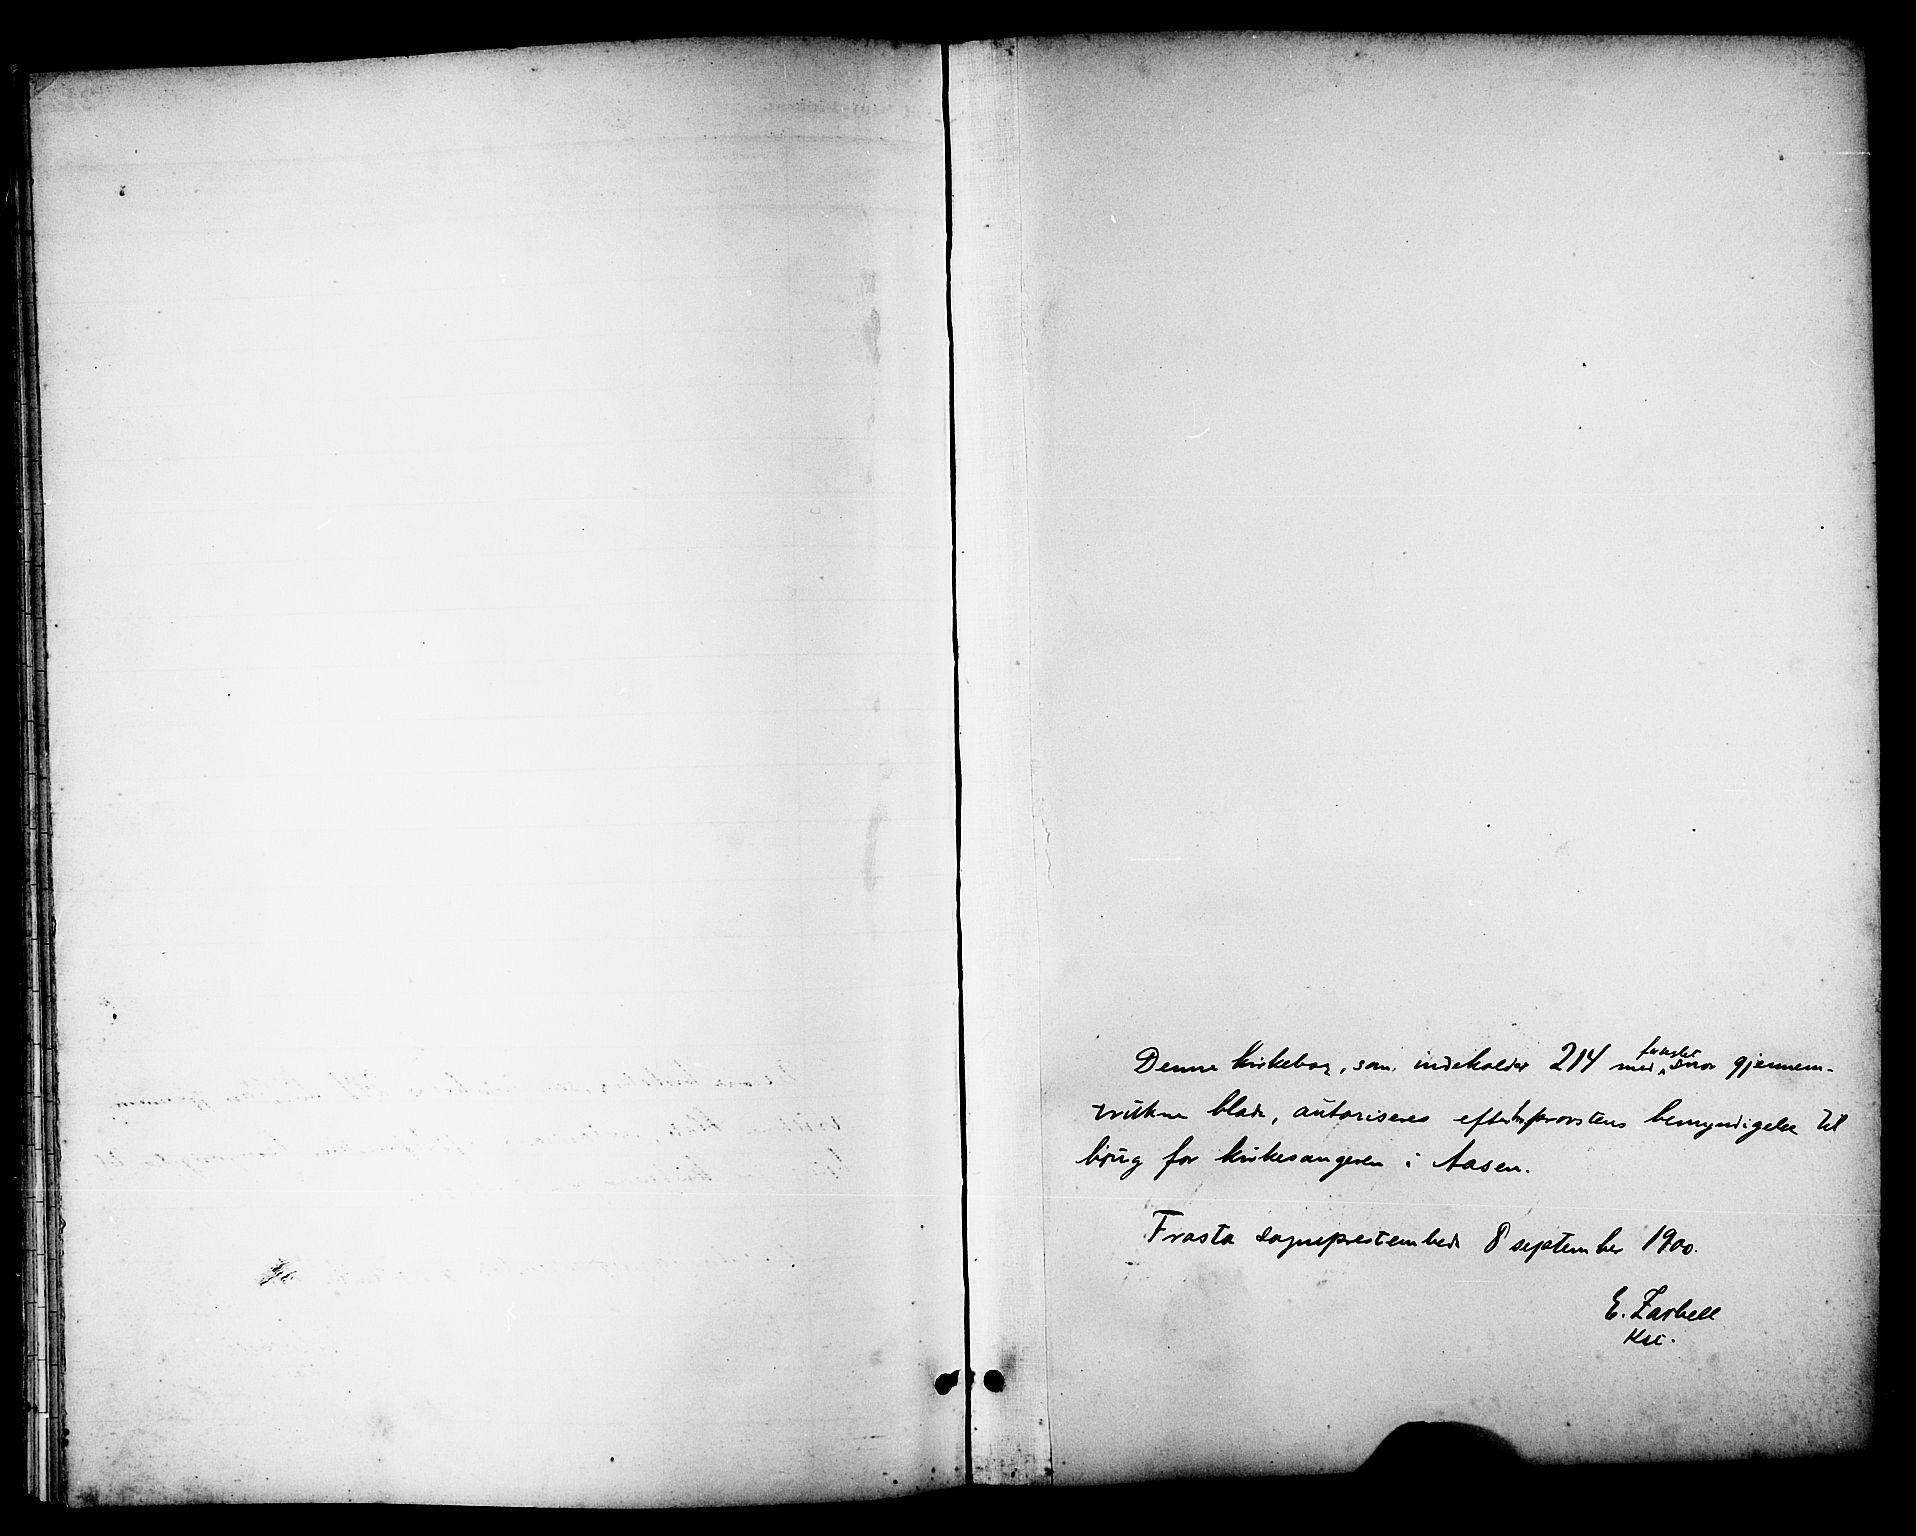 SAT, Ministerialprotokoller, klokkerbøker og fødselsregistre - Nord-Trøndelag, 714/L0135: Klokkerbok nr. 714C04, 1899-1918